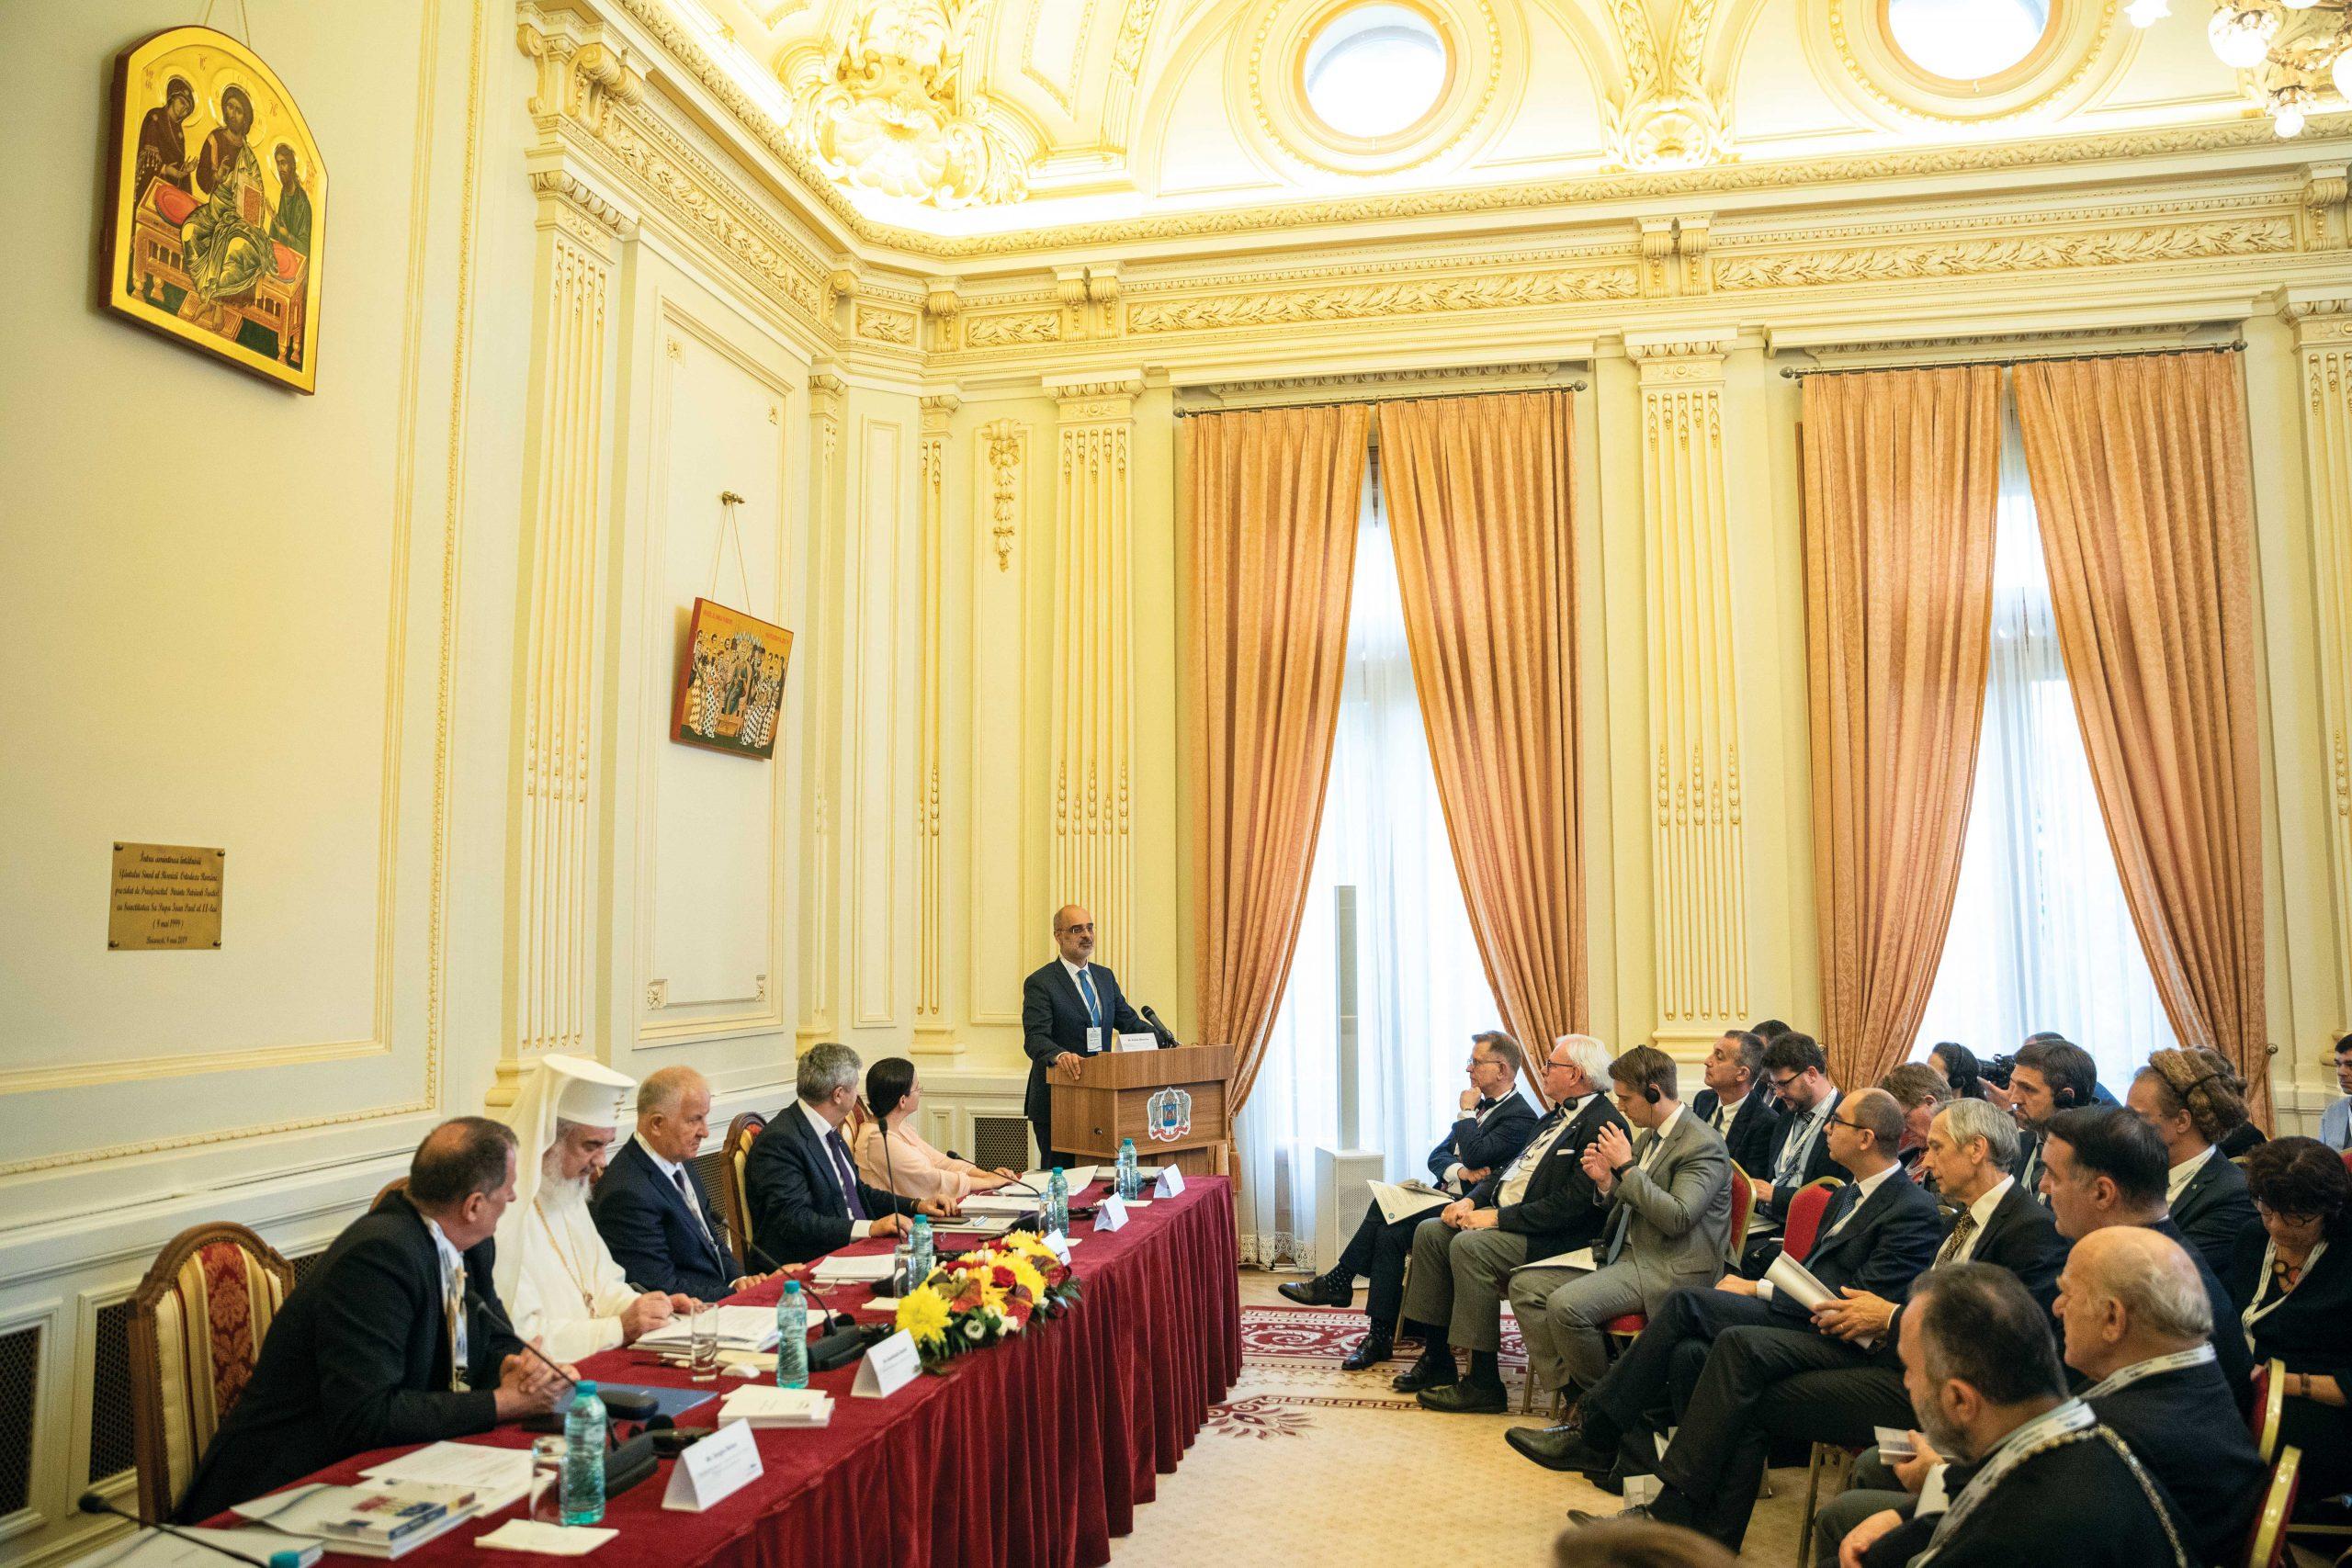 Raportul dintre Stat şi organizaţiile religioase în Uniunea Europeană, dezbătut la Palatul Patriarhiei